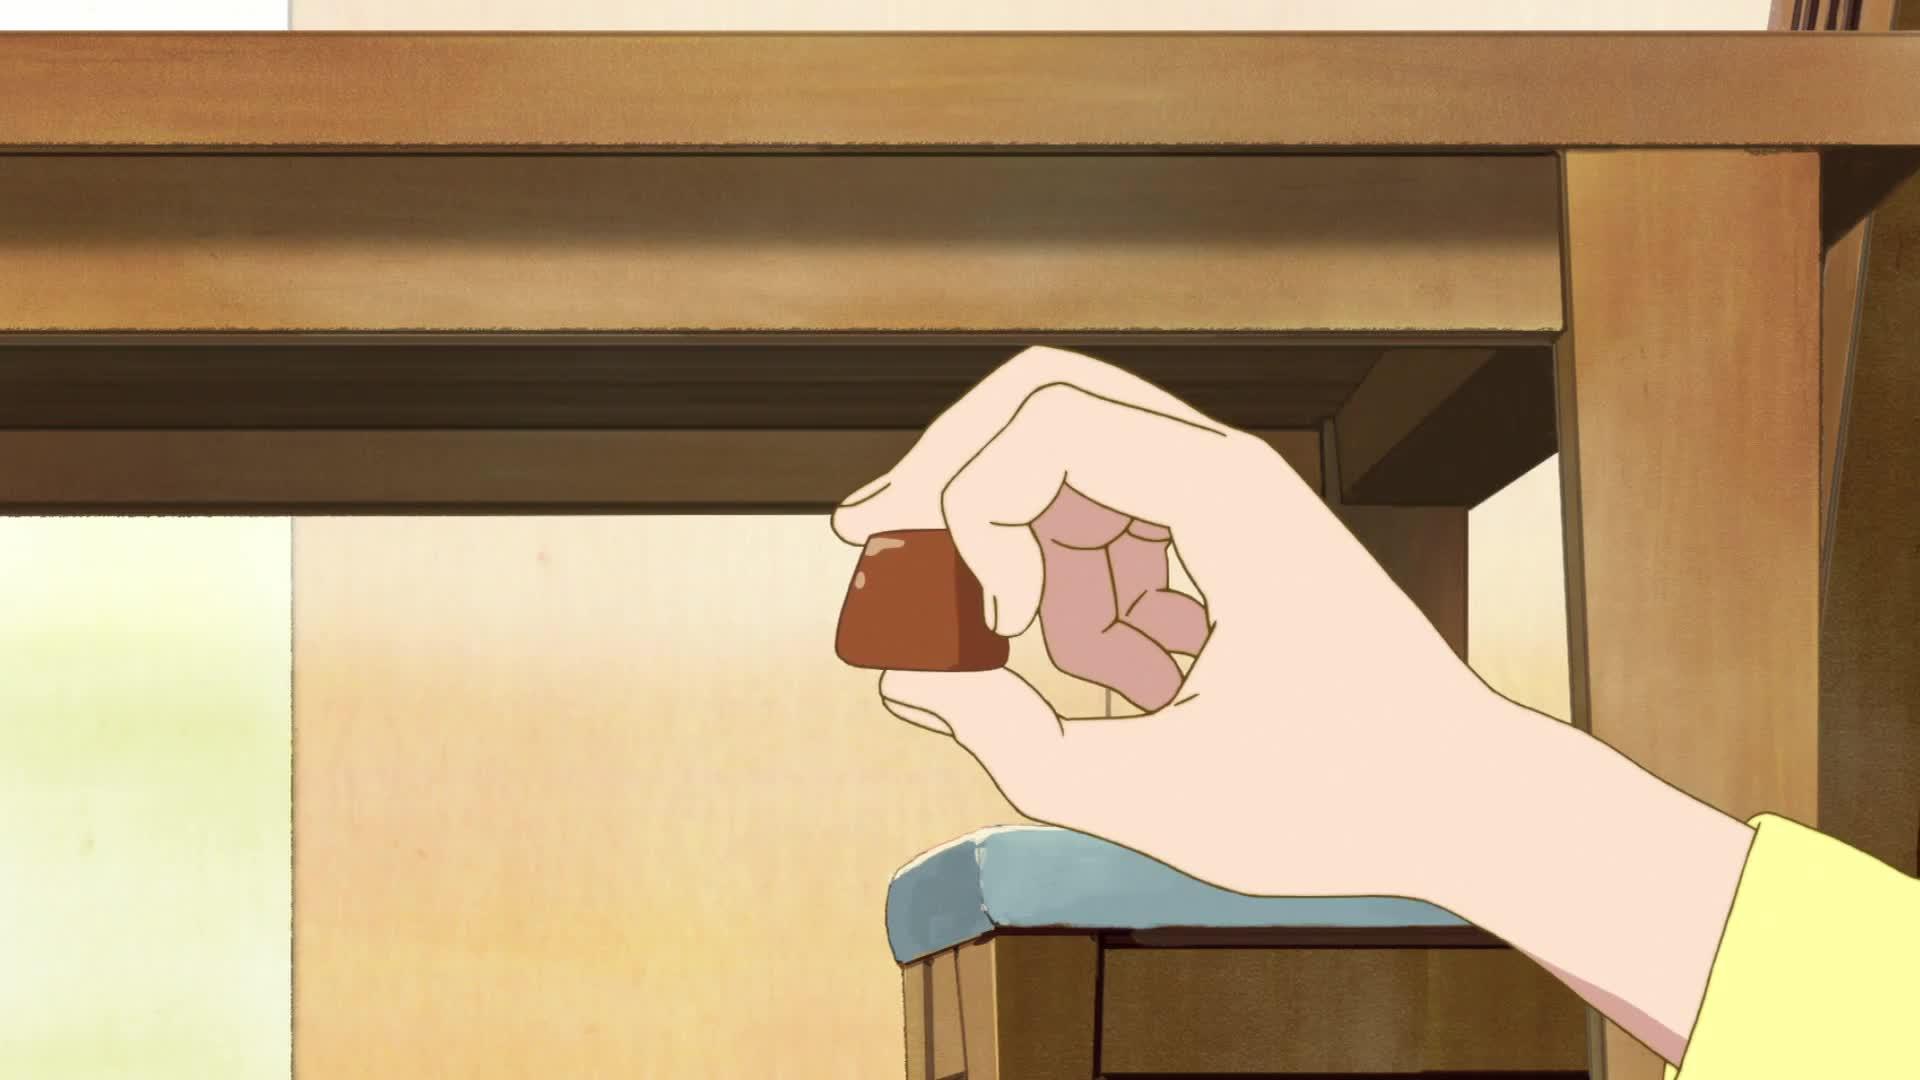 Kobayashi-san Chi no Maid Dragon, anime, kanna, How to Train your Dragon maid GIFs